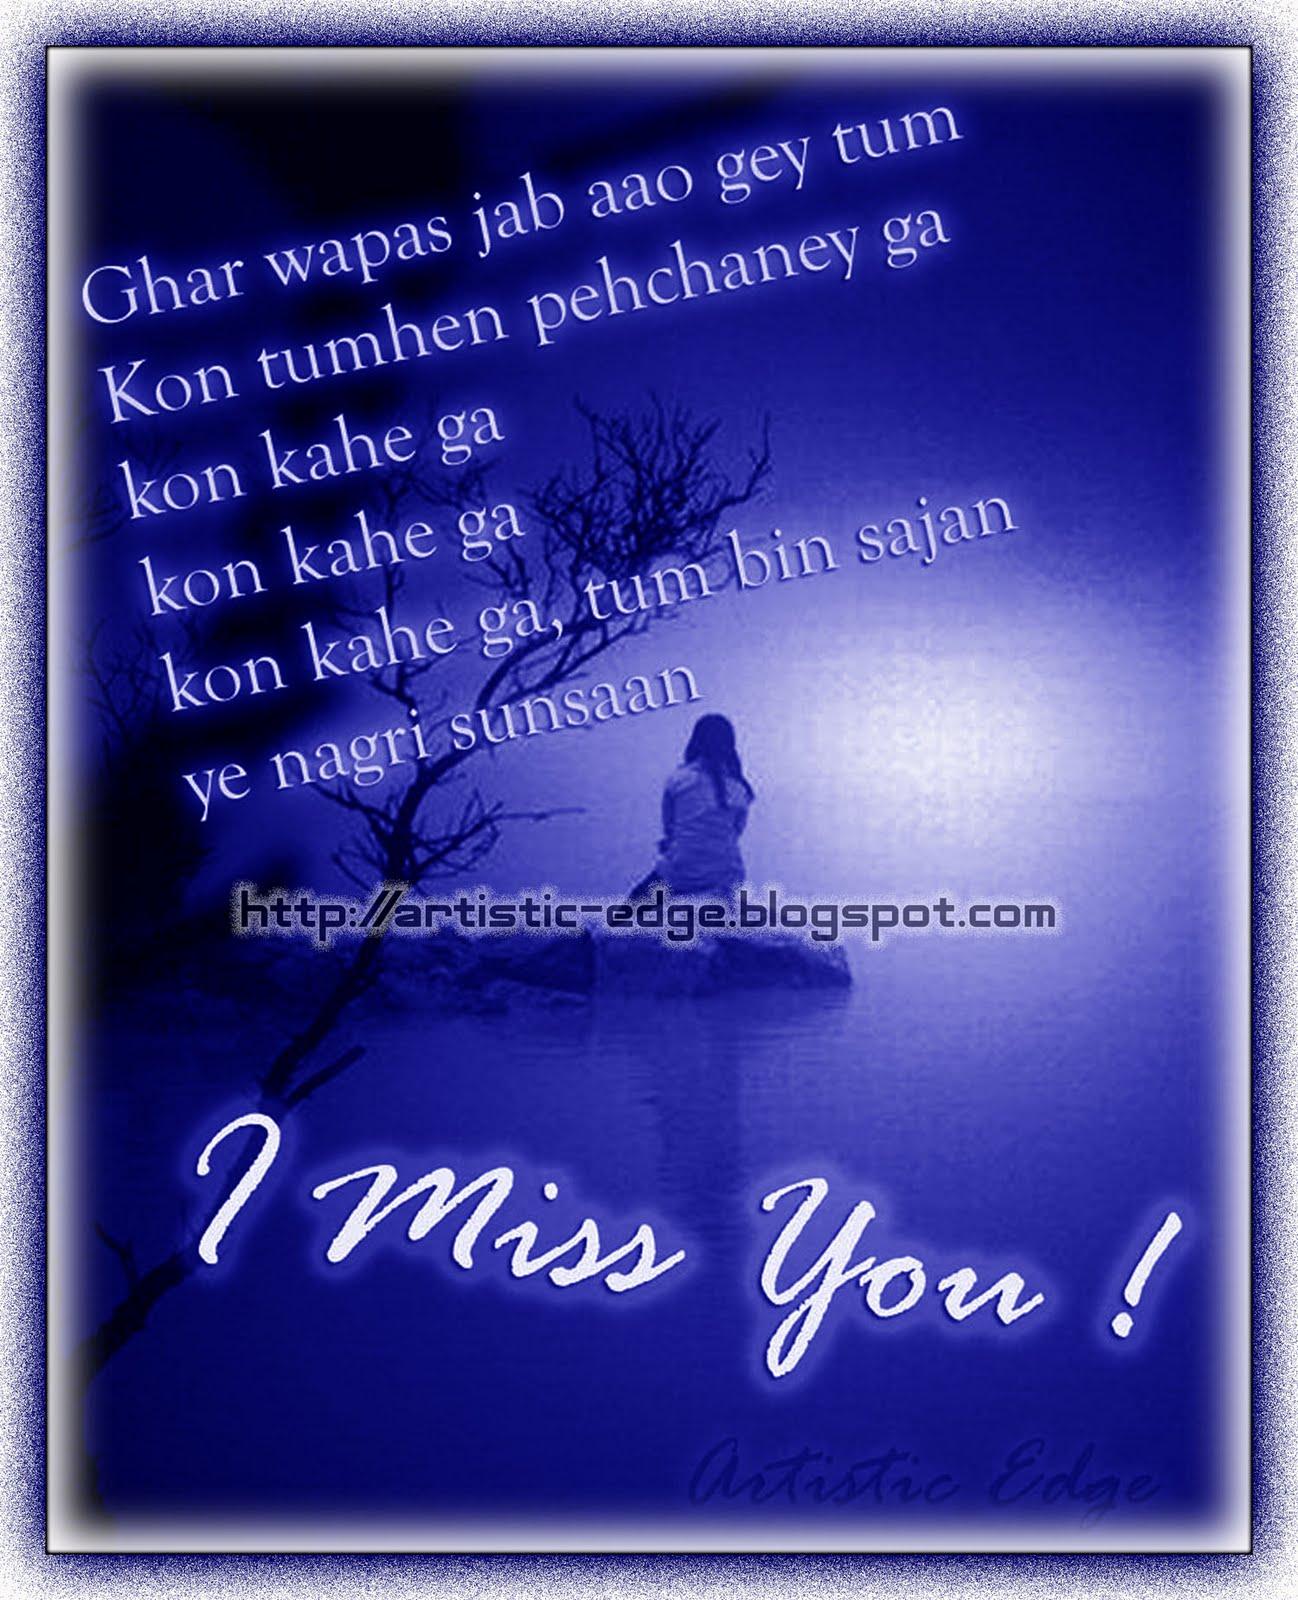 http://2.bp.blogspot.com/-_Ffgq8L_J2c/TbFTCyxHmlI/AAAAAAAAAMQ/Gf98FmCT2Ig/s1600/Miss+U.jpg